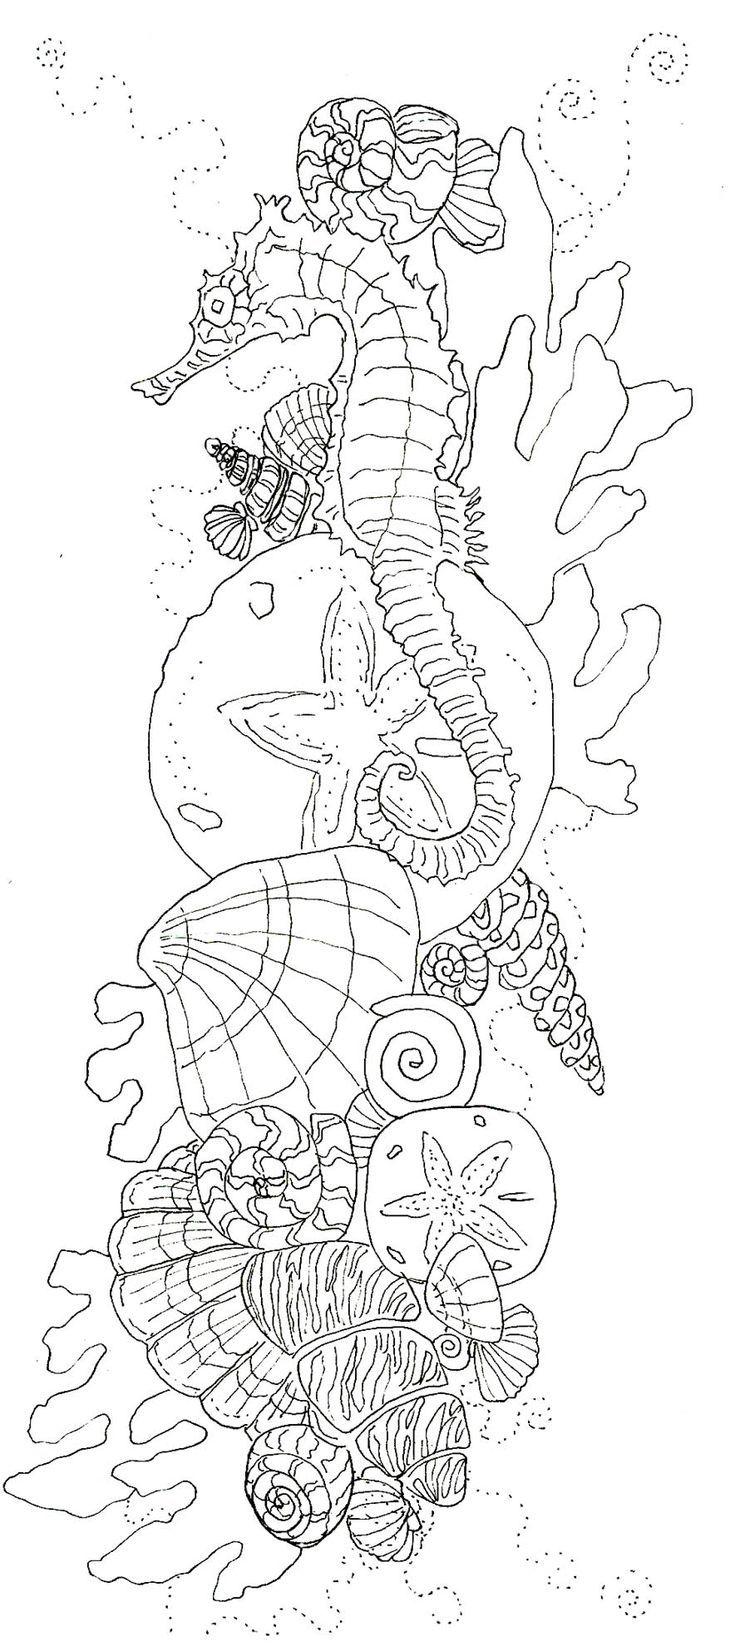 cf80637420667f41a6ee701a5c046beb.jpg 750×1,646 pixels   Tattoo ideas ...